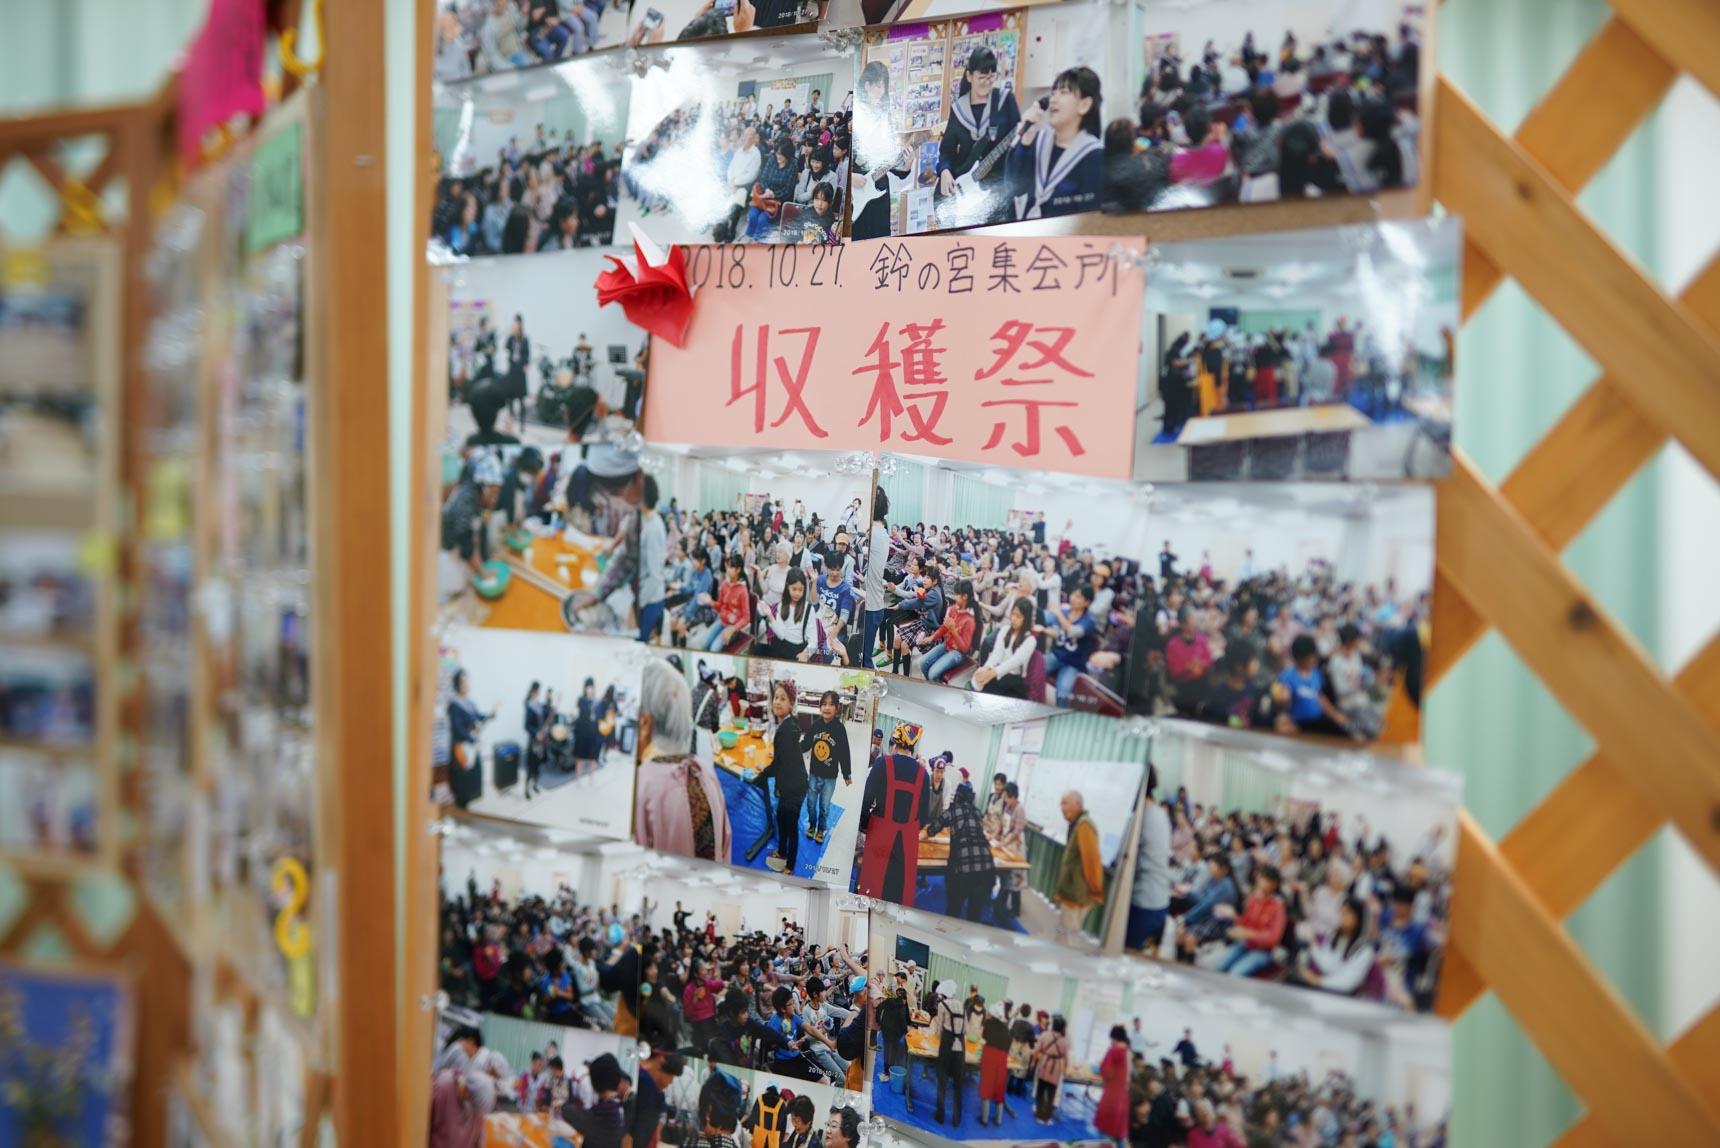 集会所の中には、たくさんの写真が飾られています。こちらは、去年の収穫祭の様子。